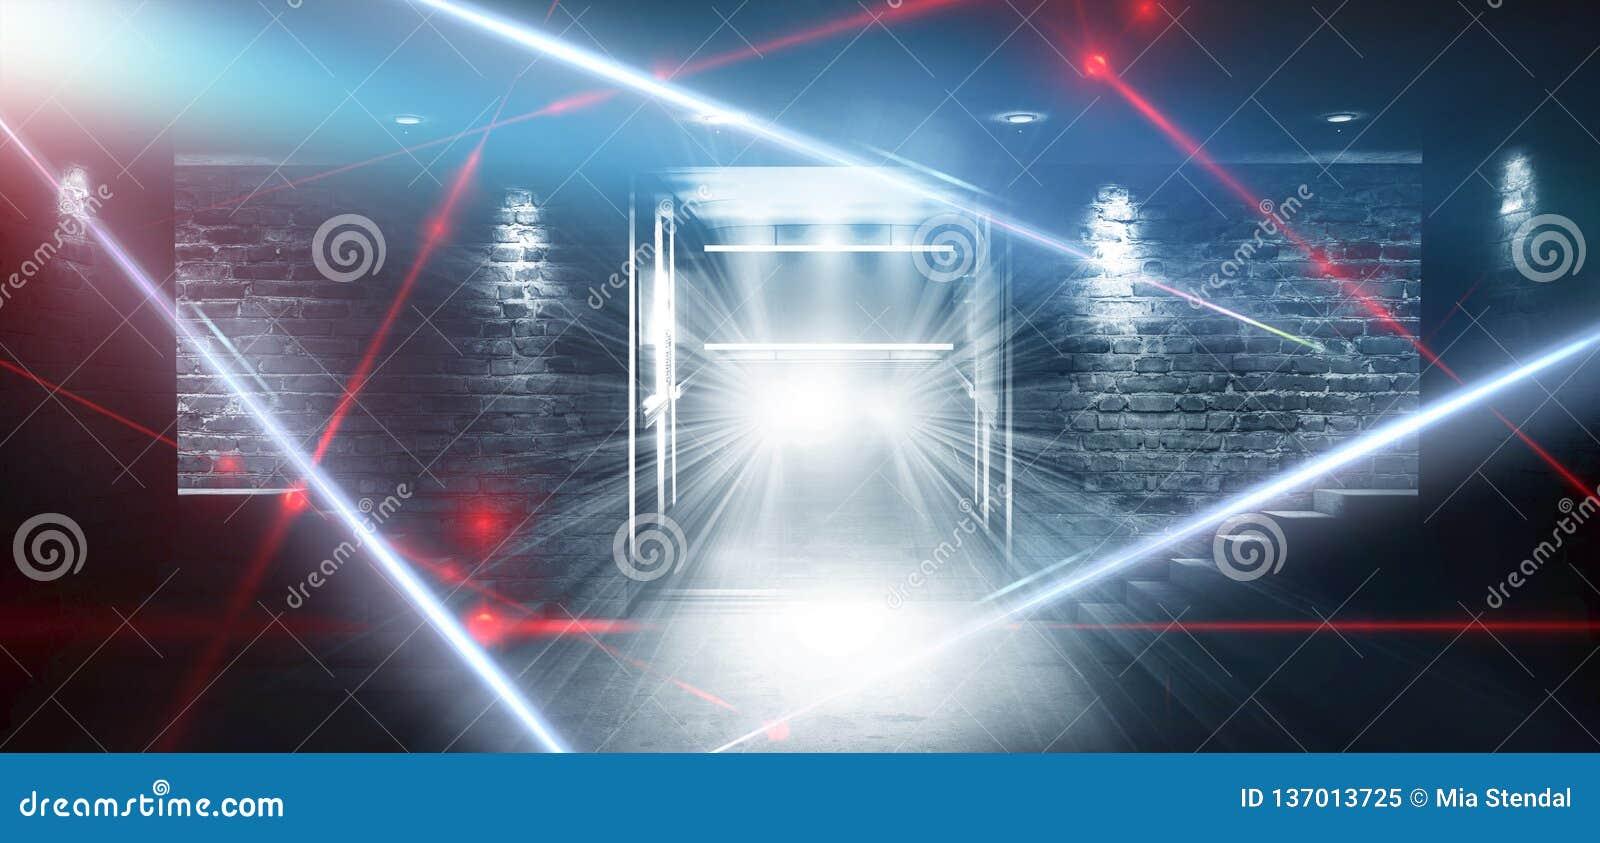 一间空的黑暗黑屋子的背景 空的砖墙,光,烟,焕发,光芒